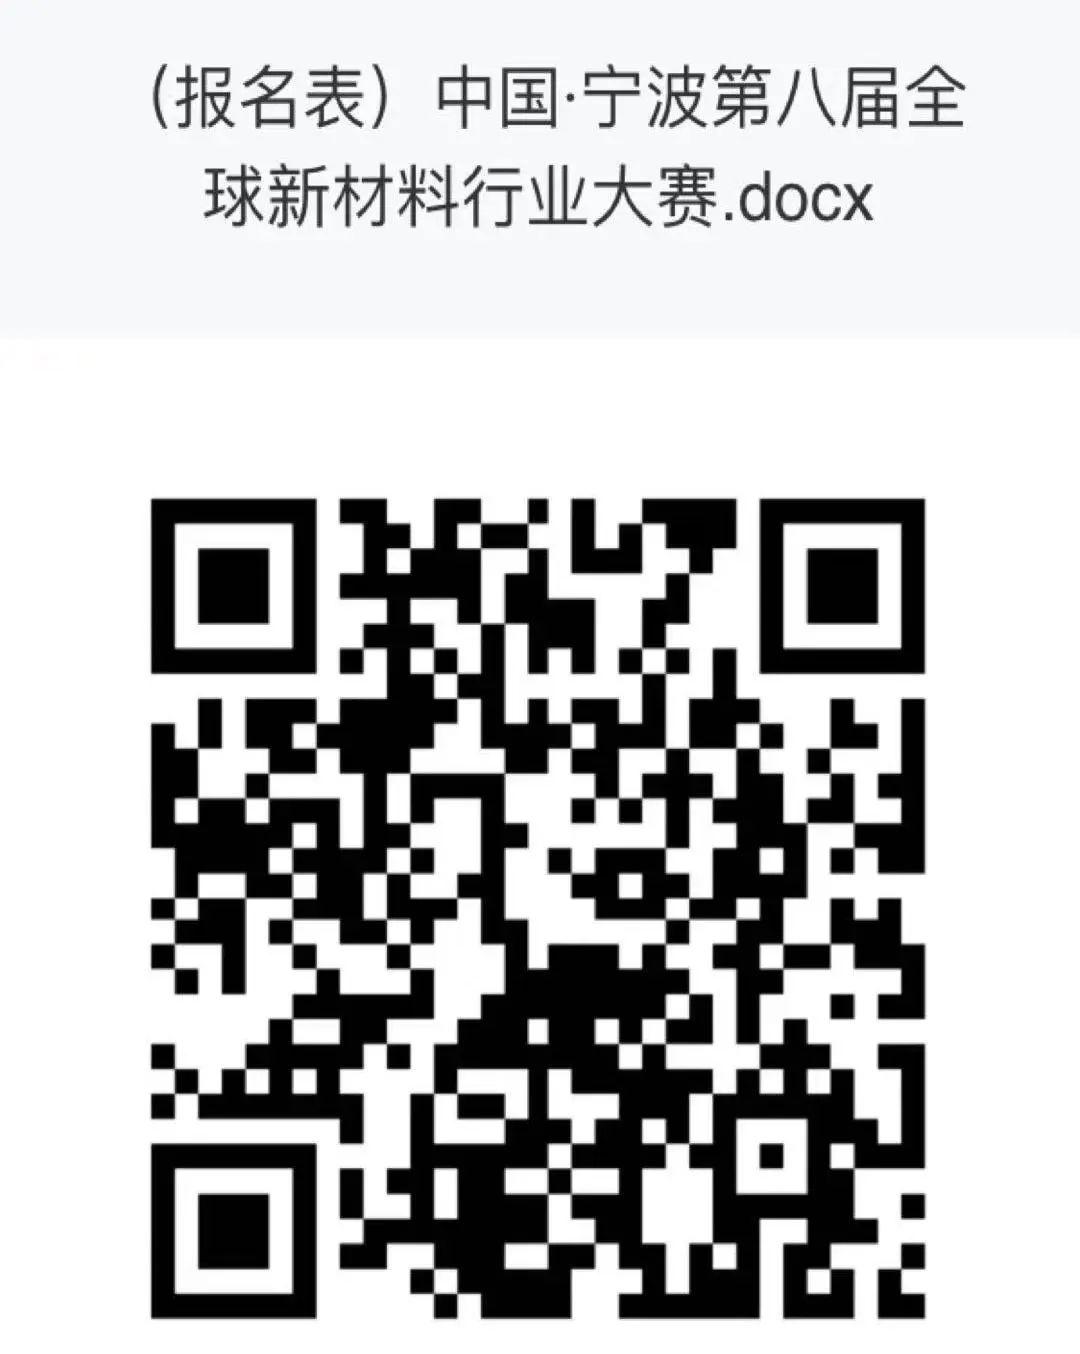 32b399ac2ef8990451f5a1ce664d0184